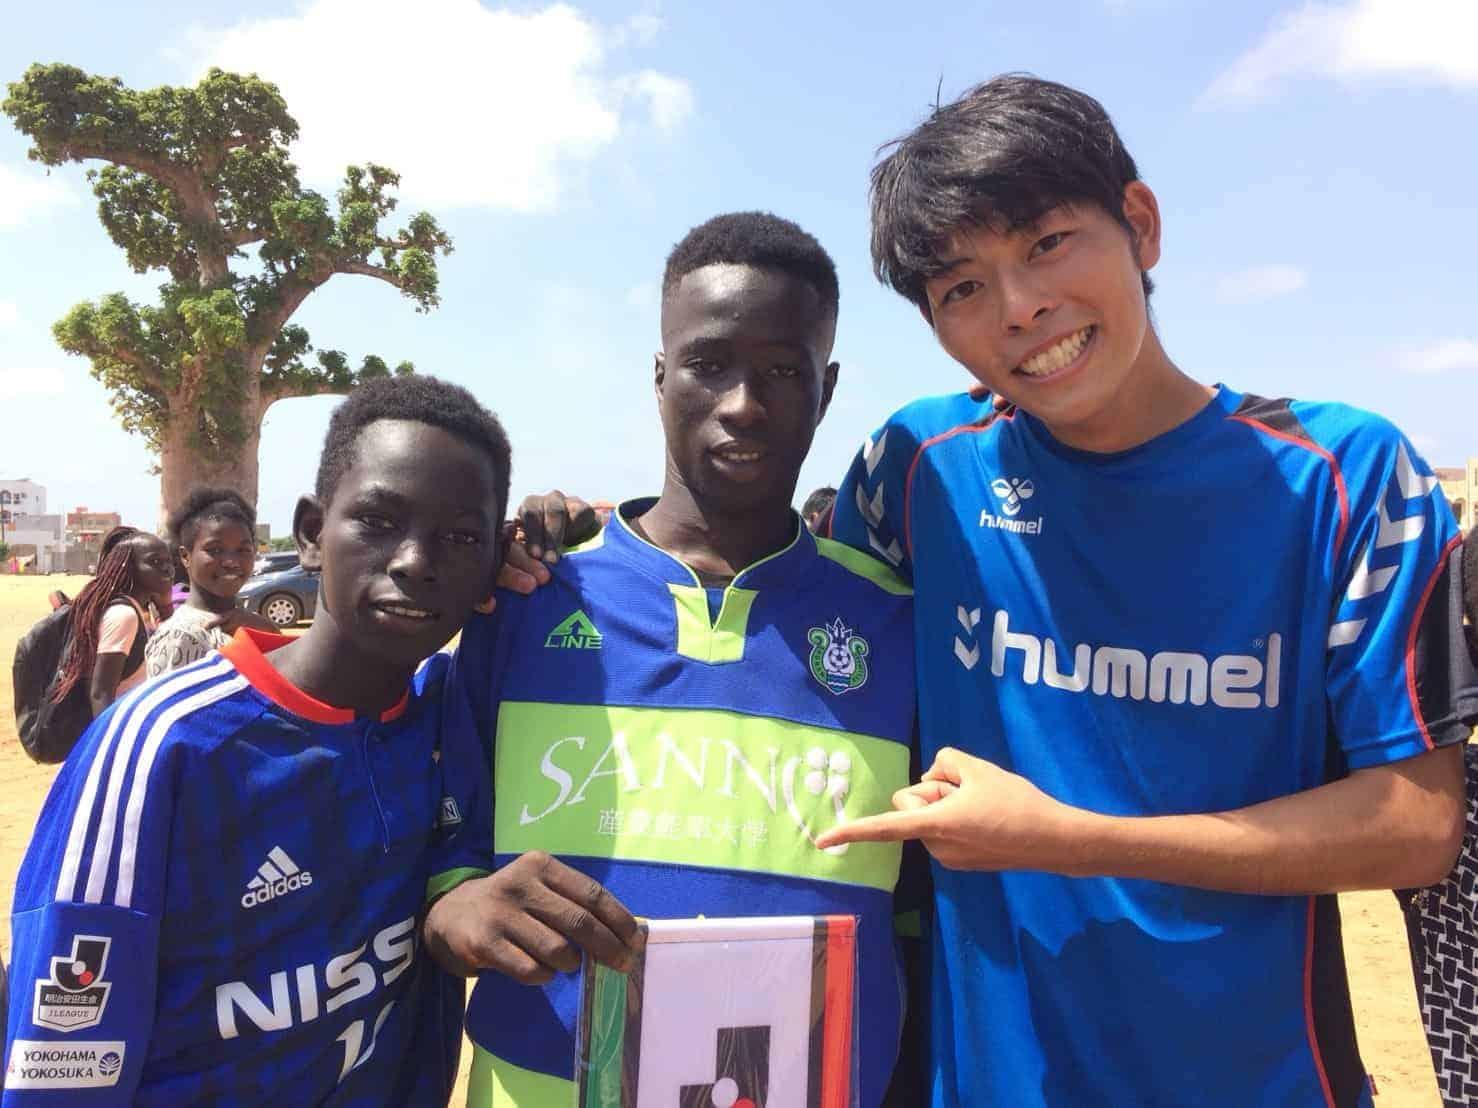 20181010 181010 0019 - セネガルでJリーグ「サポユニfor smile 2018」に参加してきました!